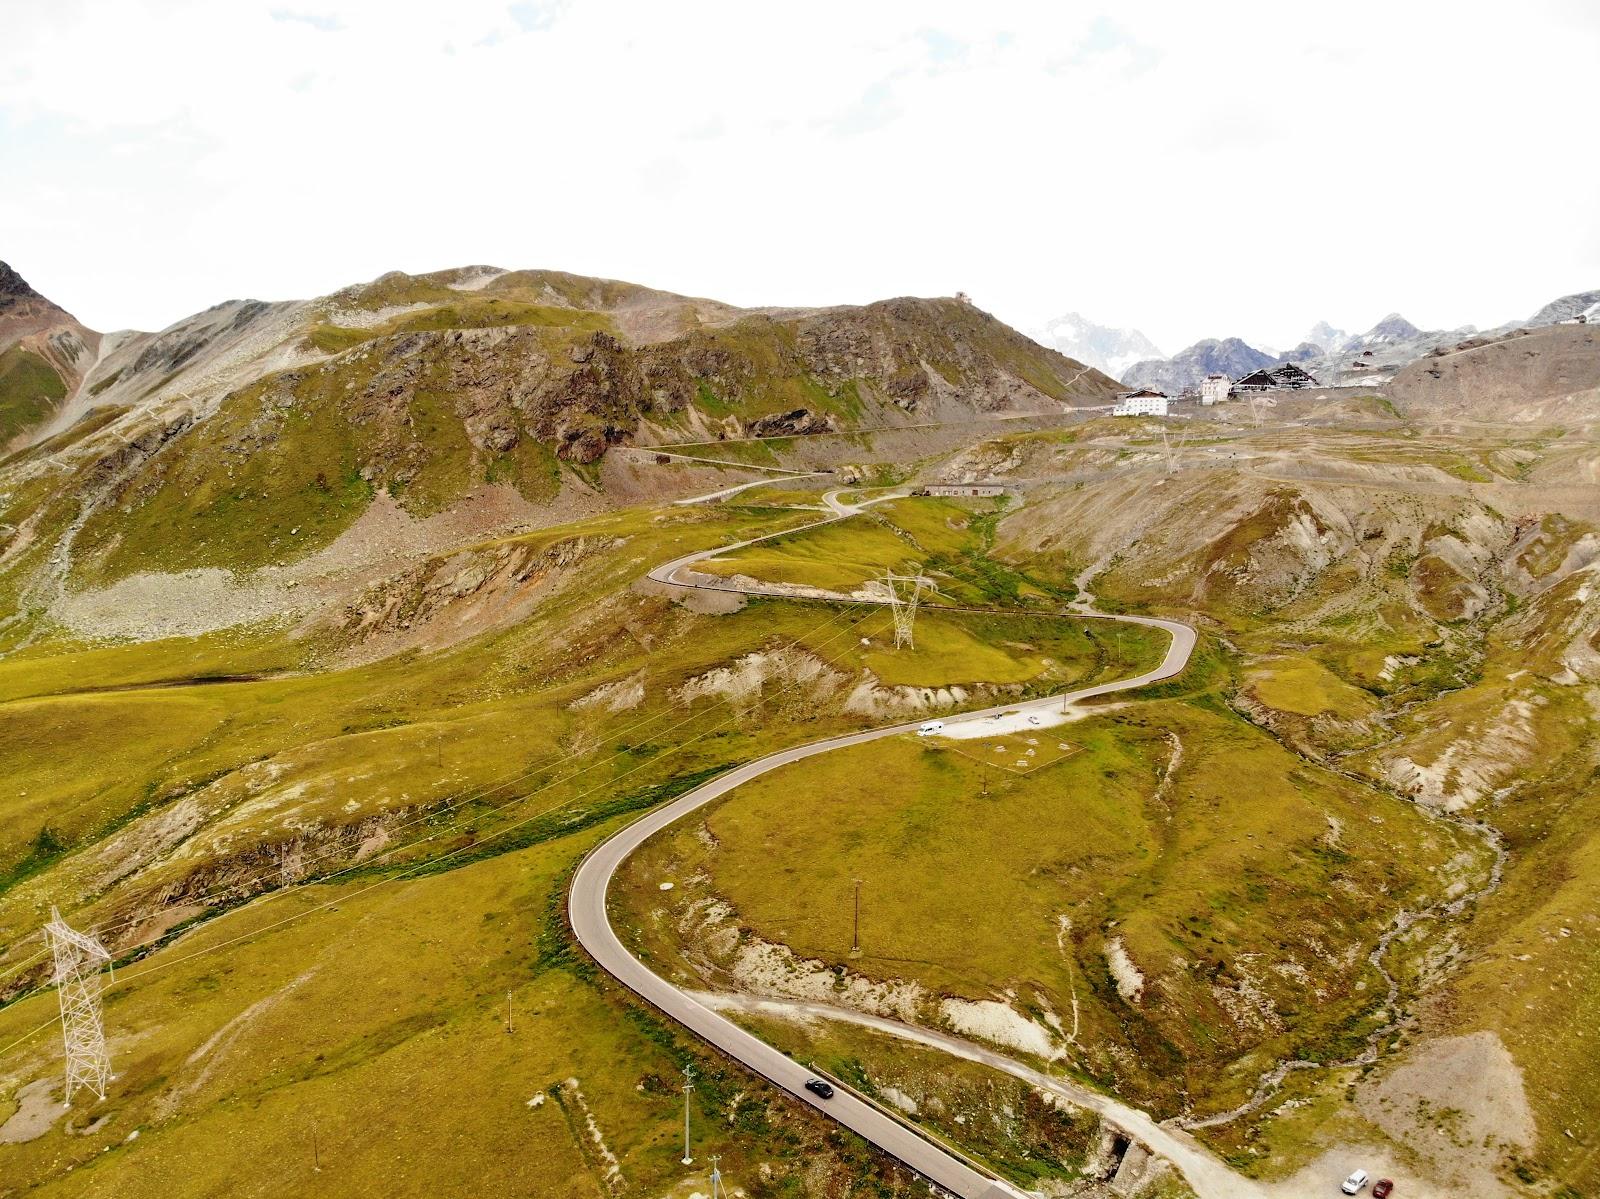 Cycling Passo dello Stelvio - aerial drone photo of pass